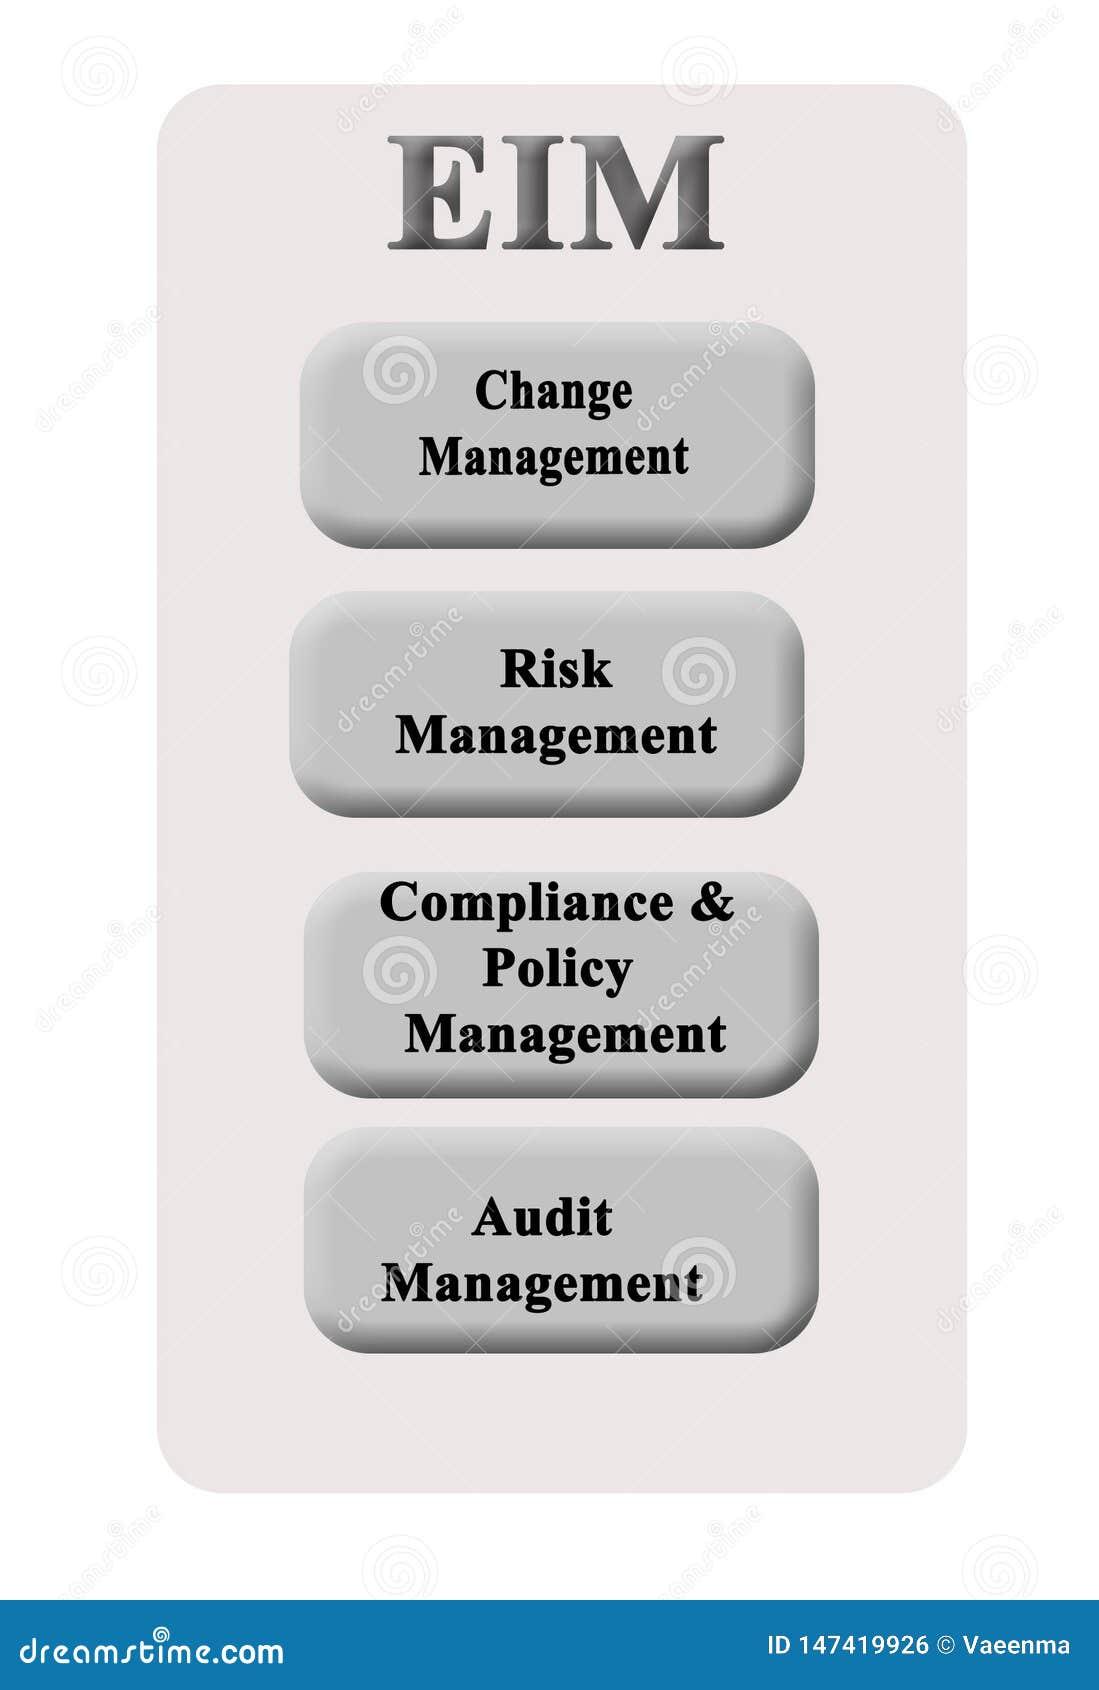 Componentes da auditoria de EIM